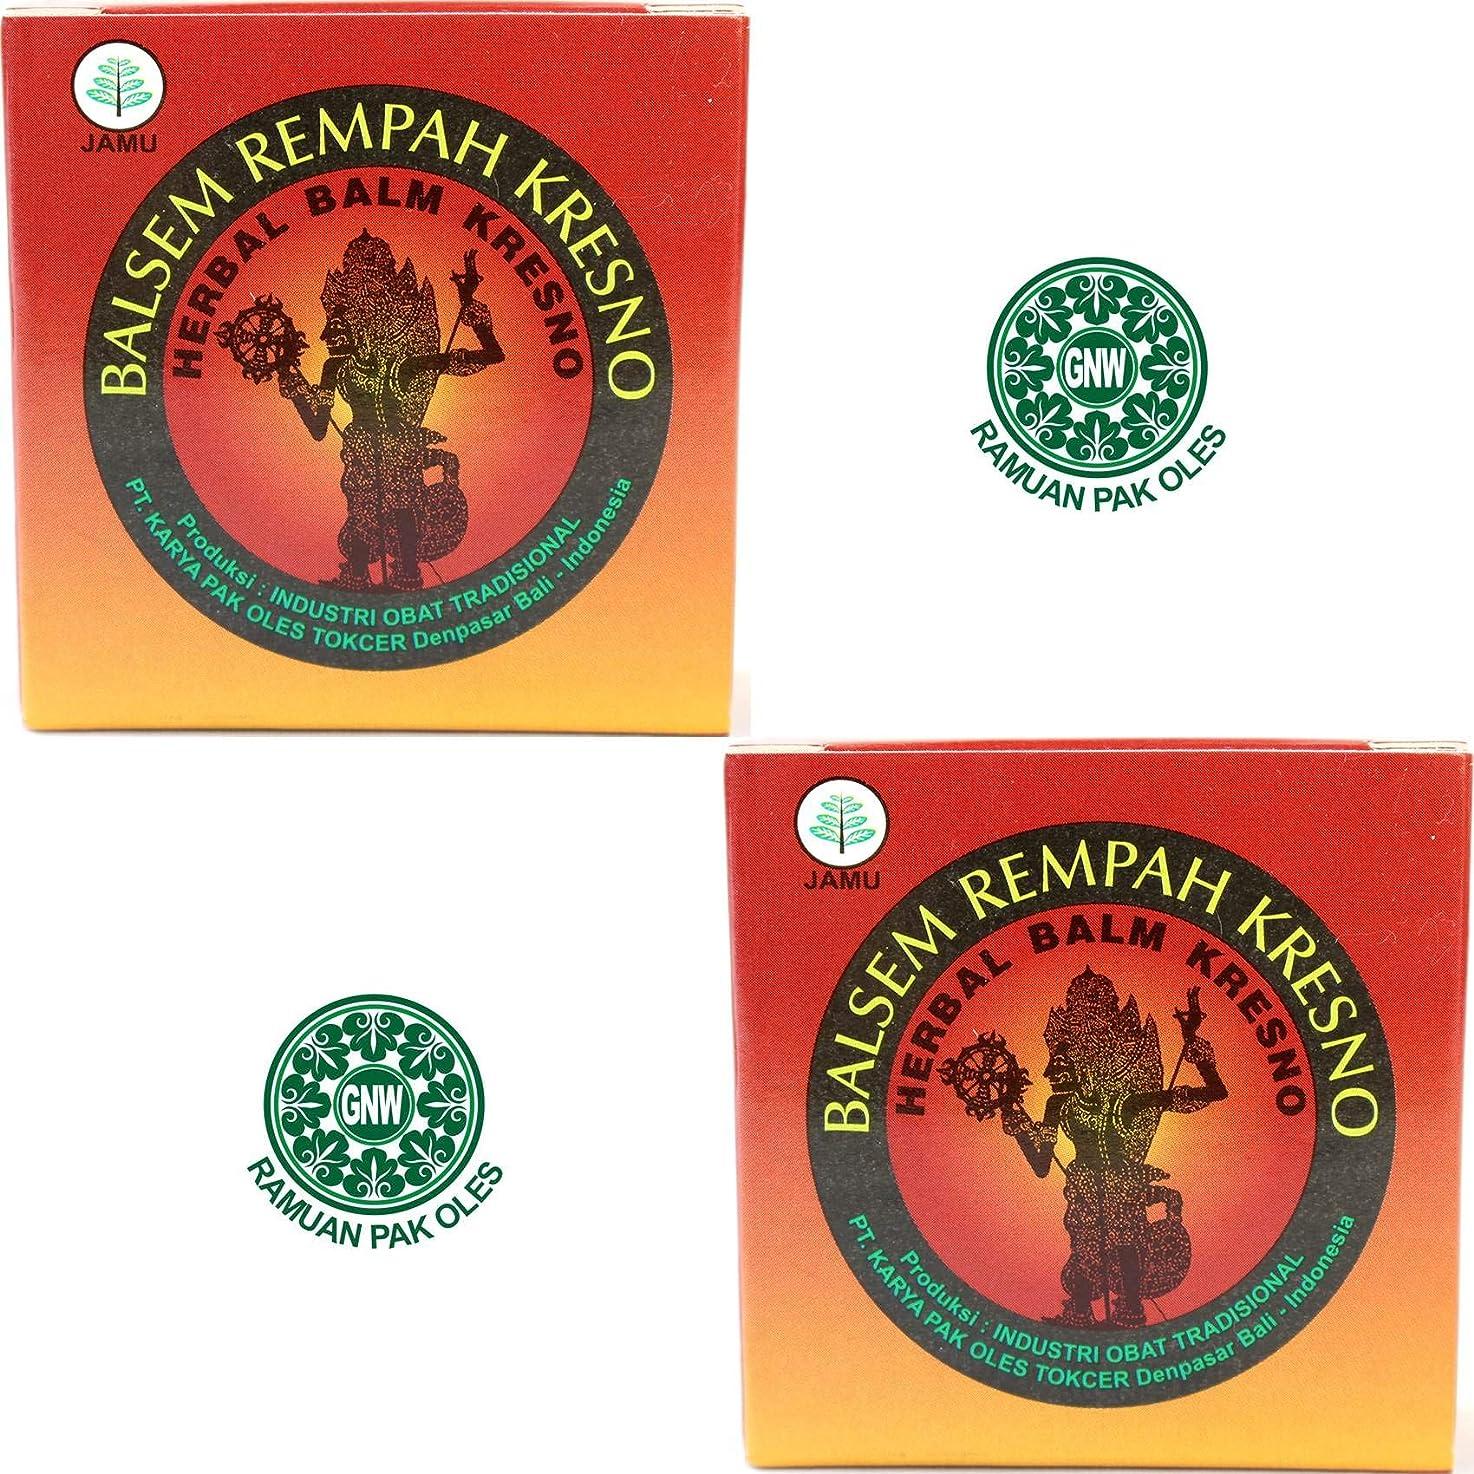 振る舞う亜熱帯レパートリーPakOles パックオレス Herbal Balm Kresno ハーバルバームクレスノ 15g × 2個セット [海外直送品]